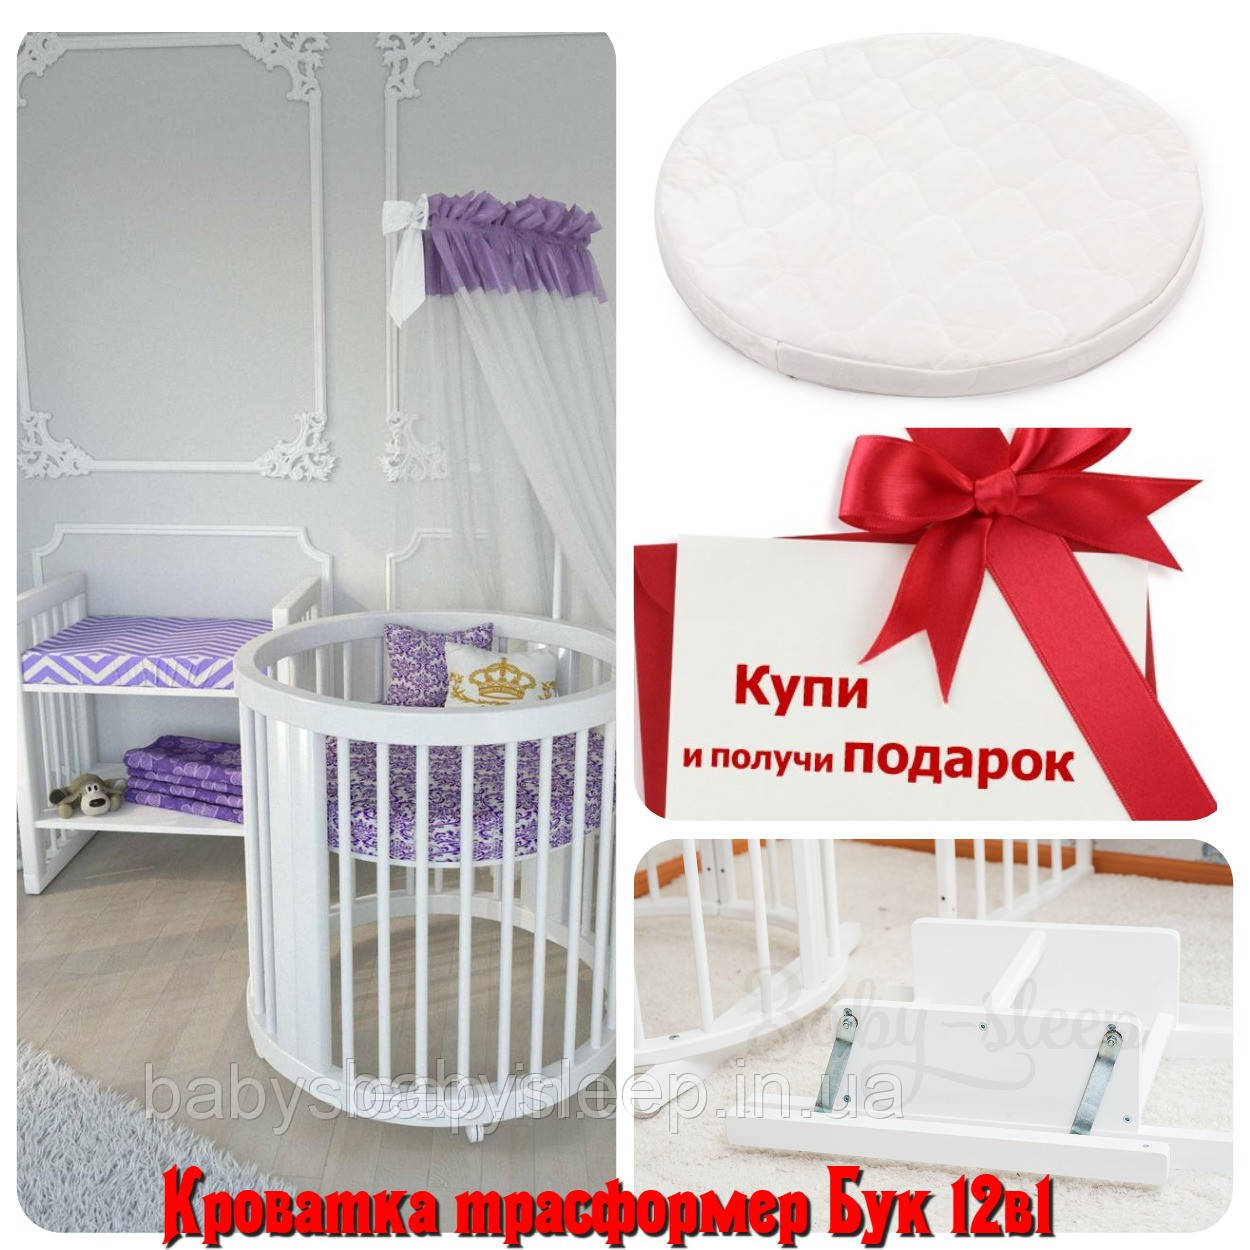 Круглая кроватка трансформер 12в1 Бук + маятниковый механизм + матрас круг